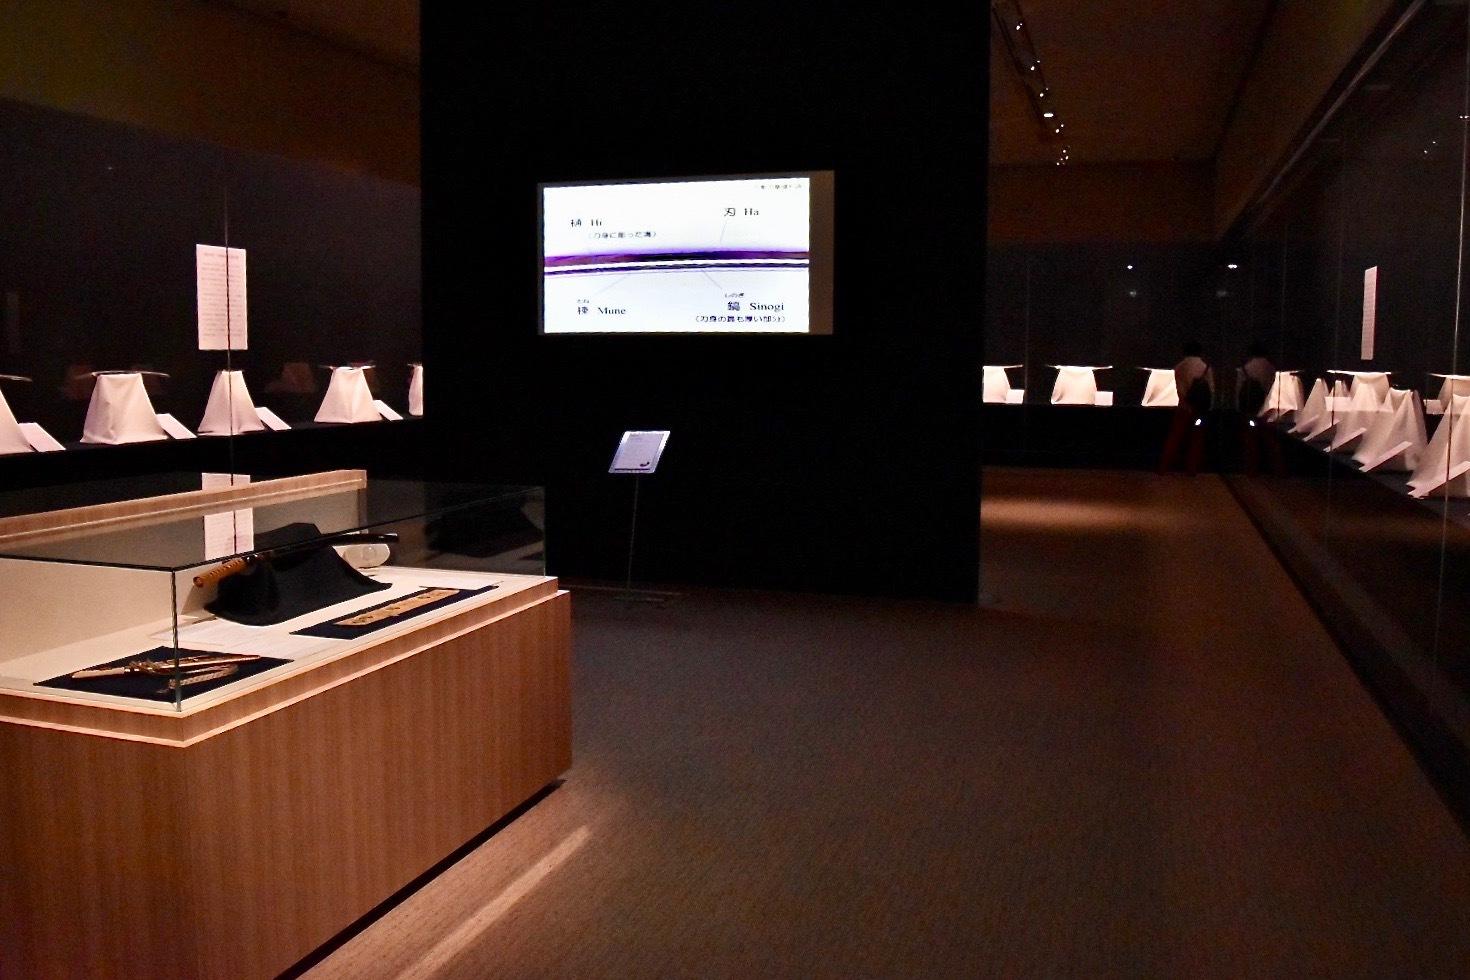 会場風景 中央のスクリーンでは、刀の各部位の名称が解説されている